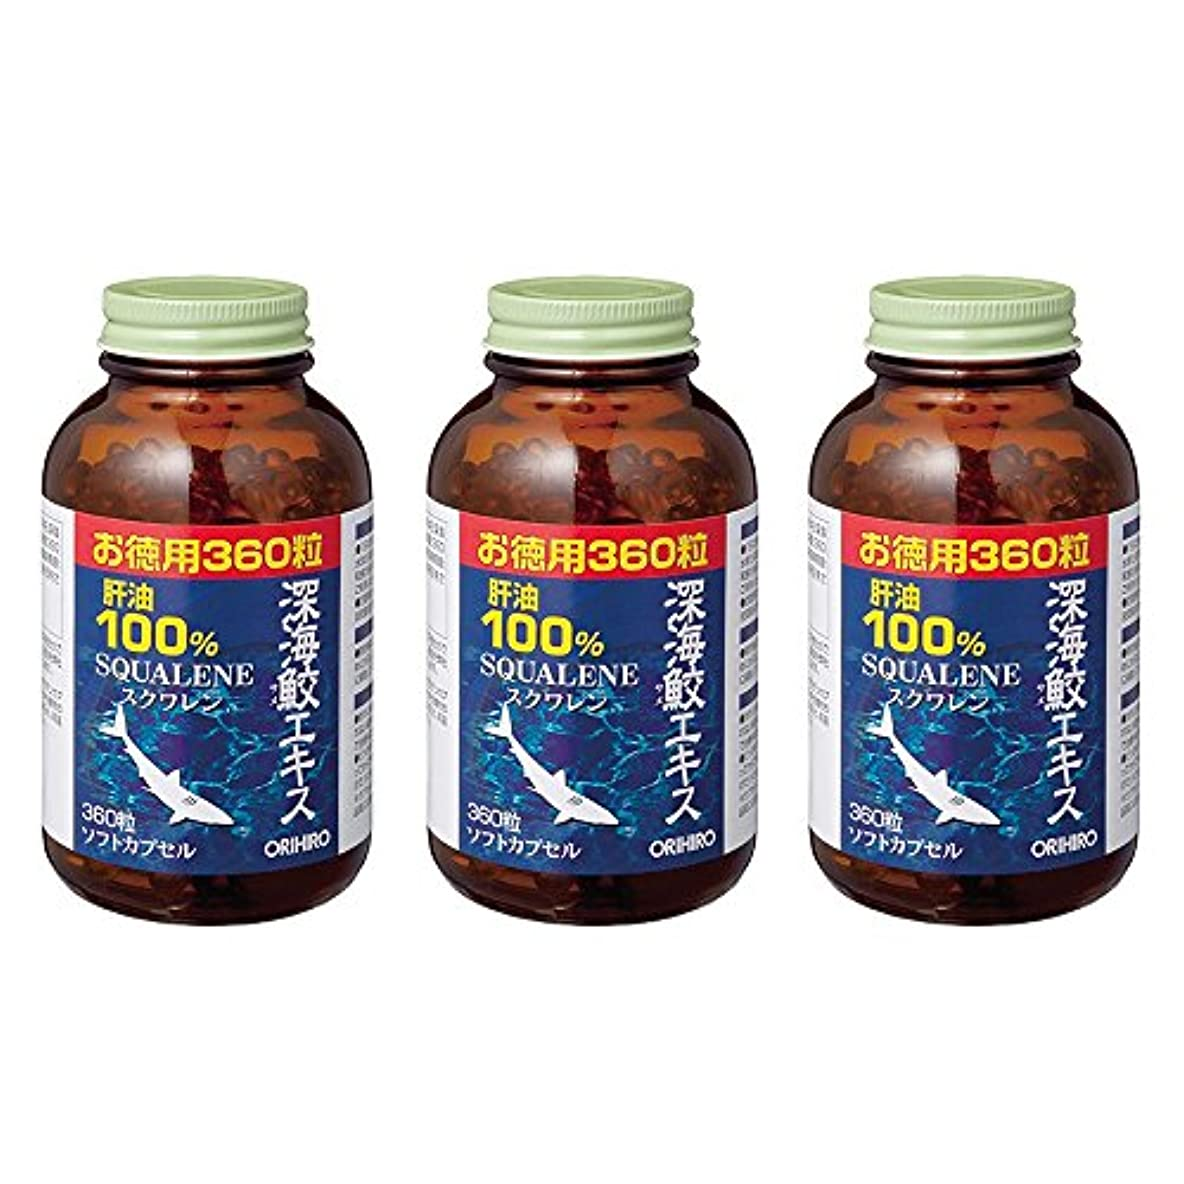 【3点セット】オリヒロ 深海鮫エキスカプセル徳用 360粒